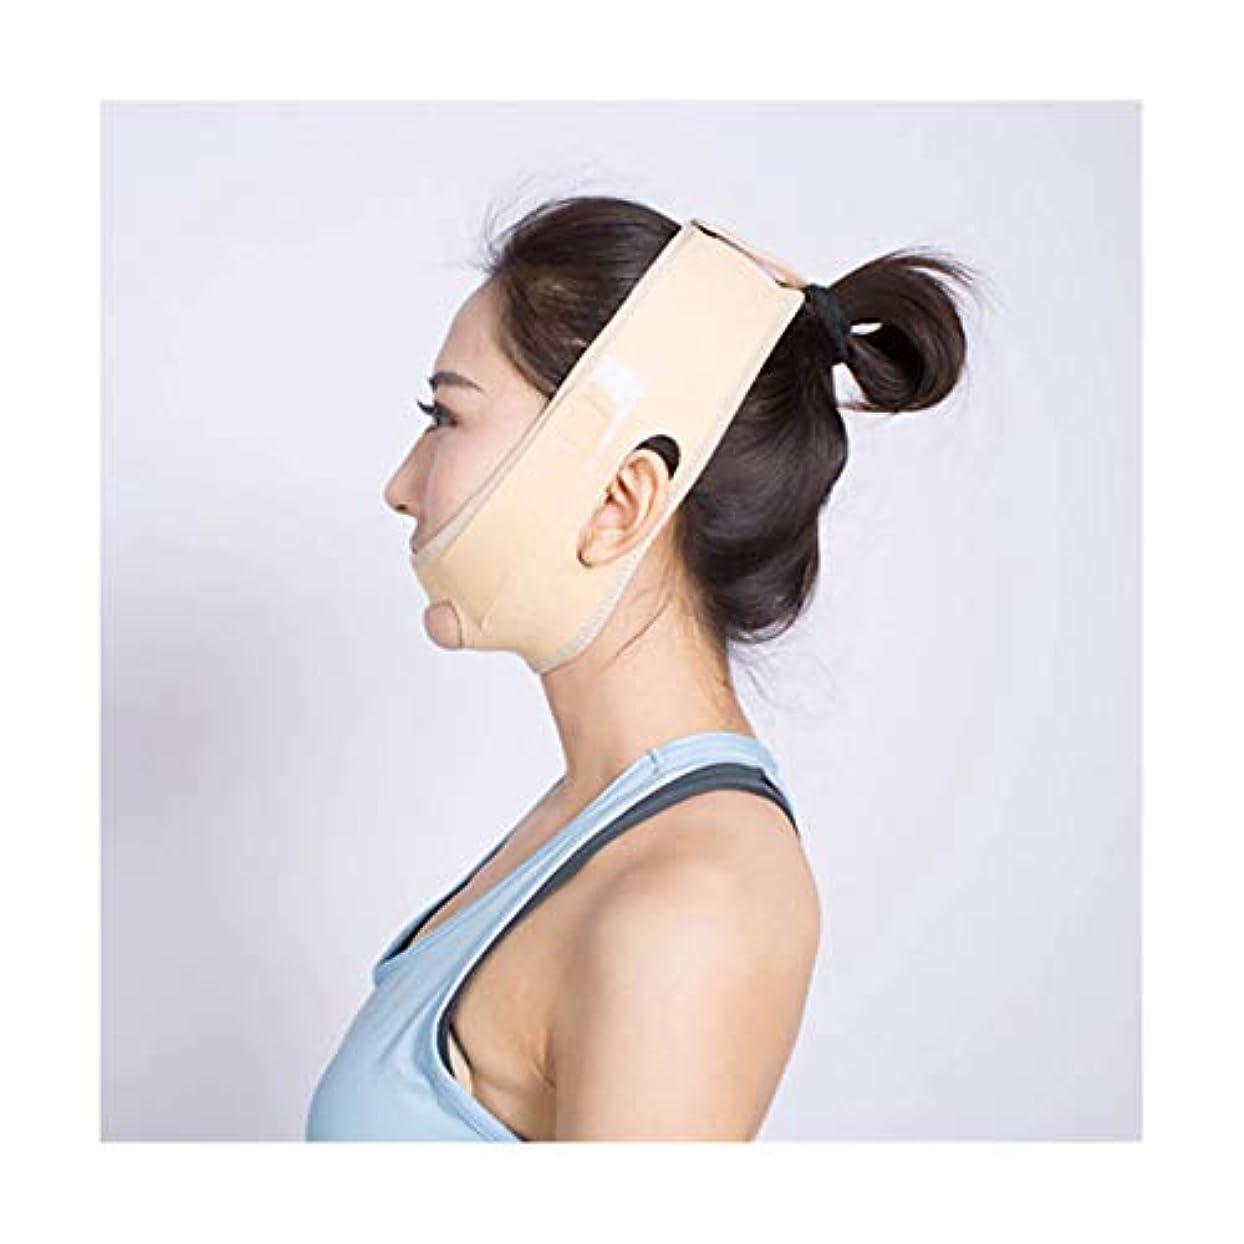 準拠赤面永続GLJJQMY 薄い顔包帯アーティファクト薄い顔薄い顔薄い顔の美しさの楽器V顔薄い顔の顔のマッサージ 顔用整形マスク (Color : B)